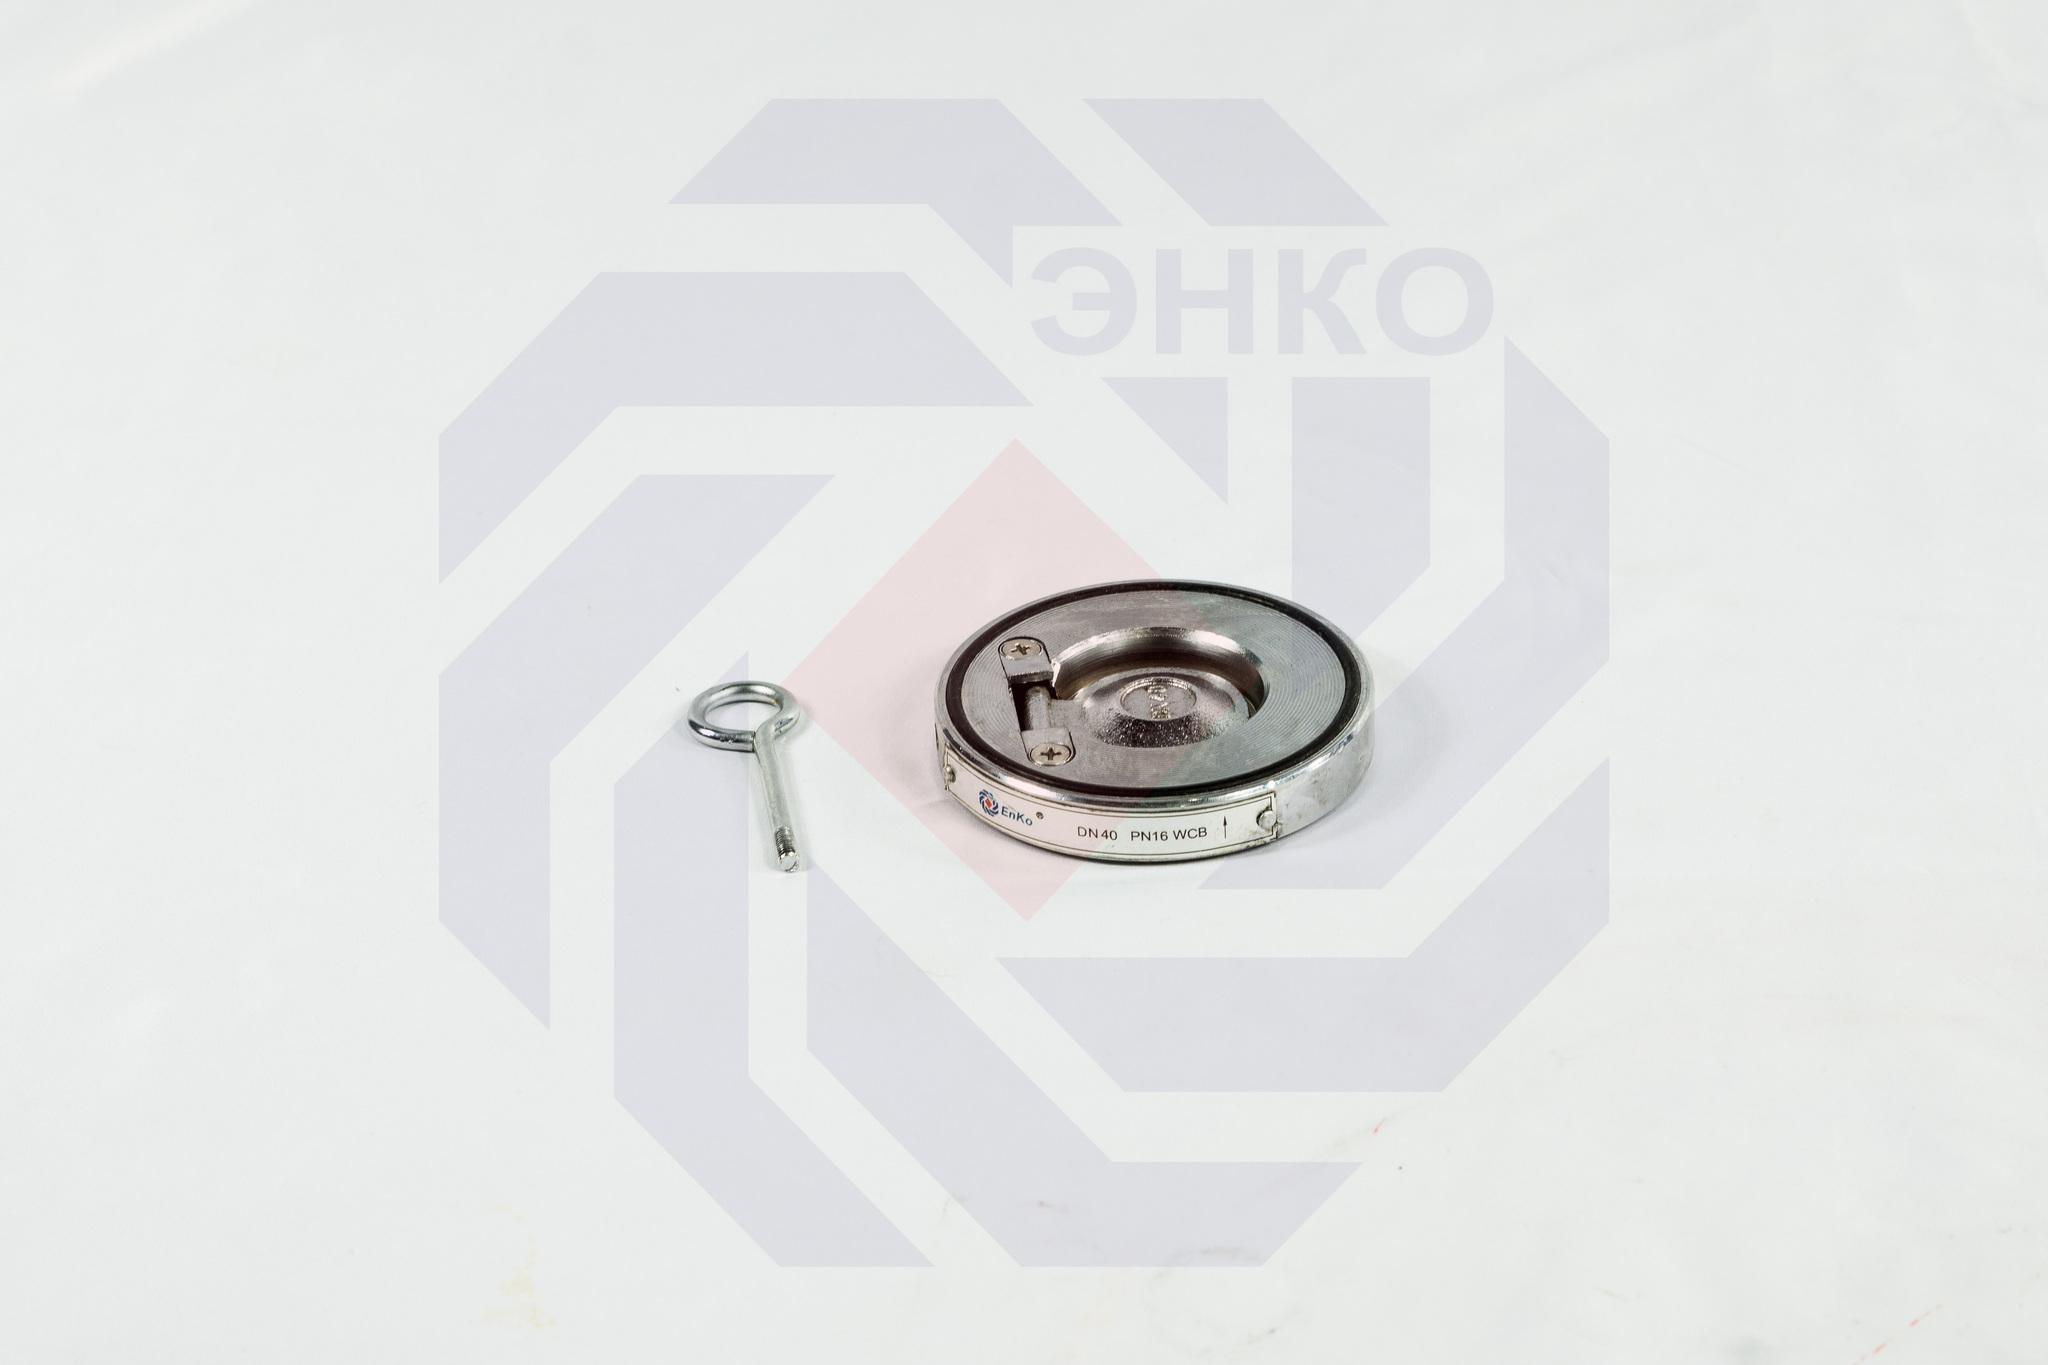 Клапан обратный поворотный ENKO DN 32